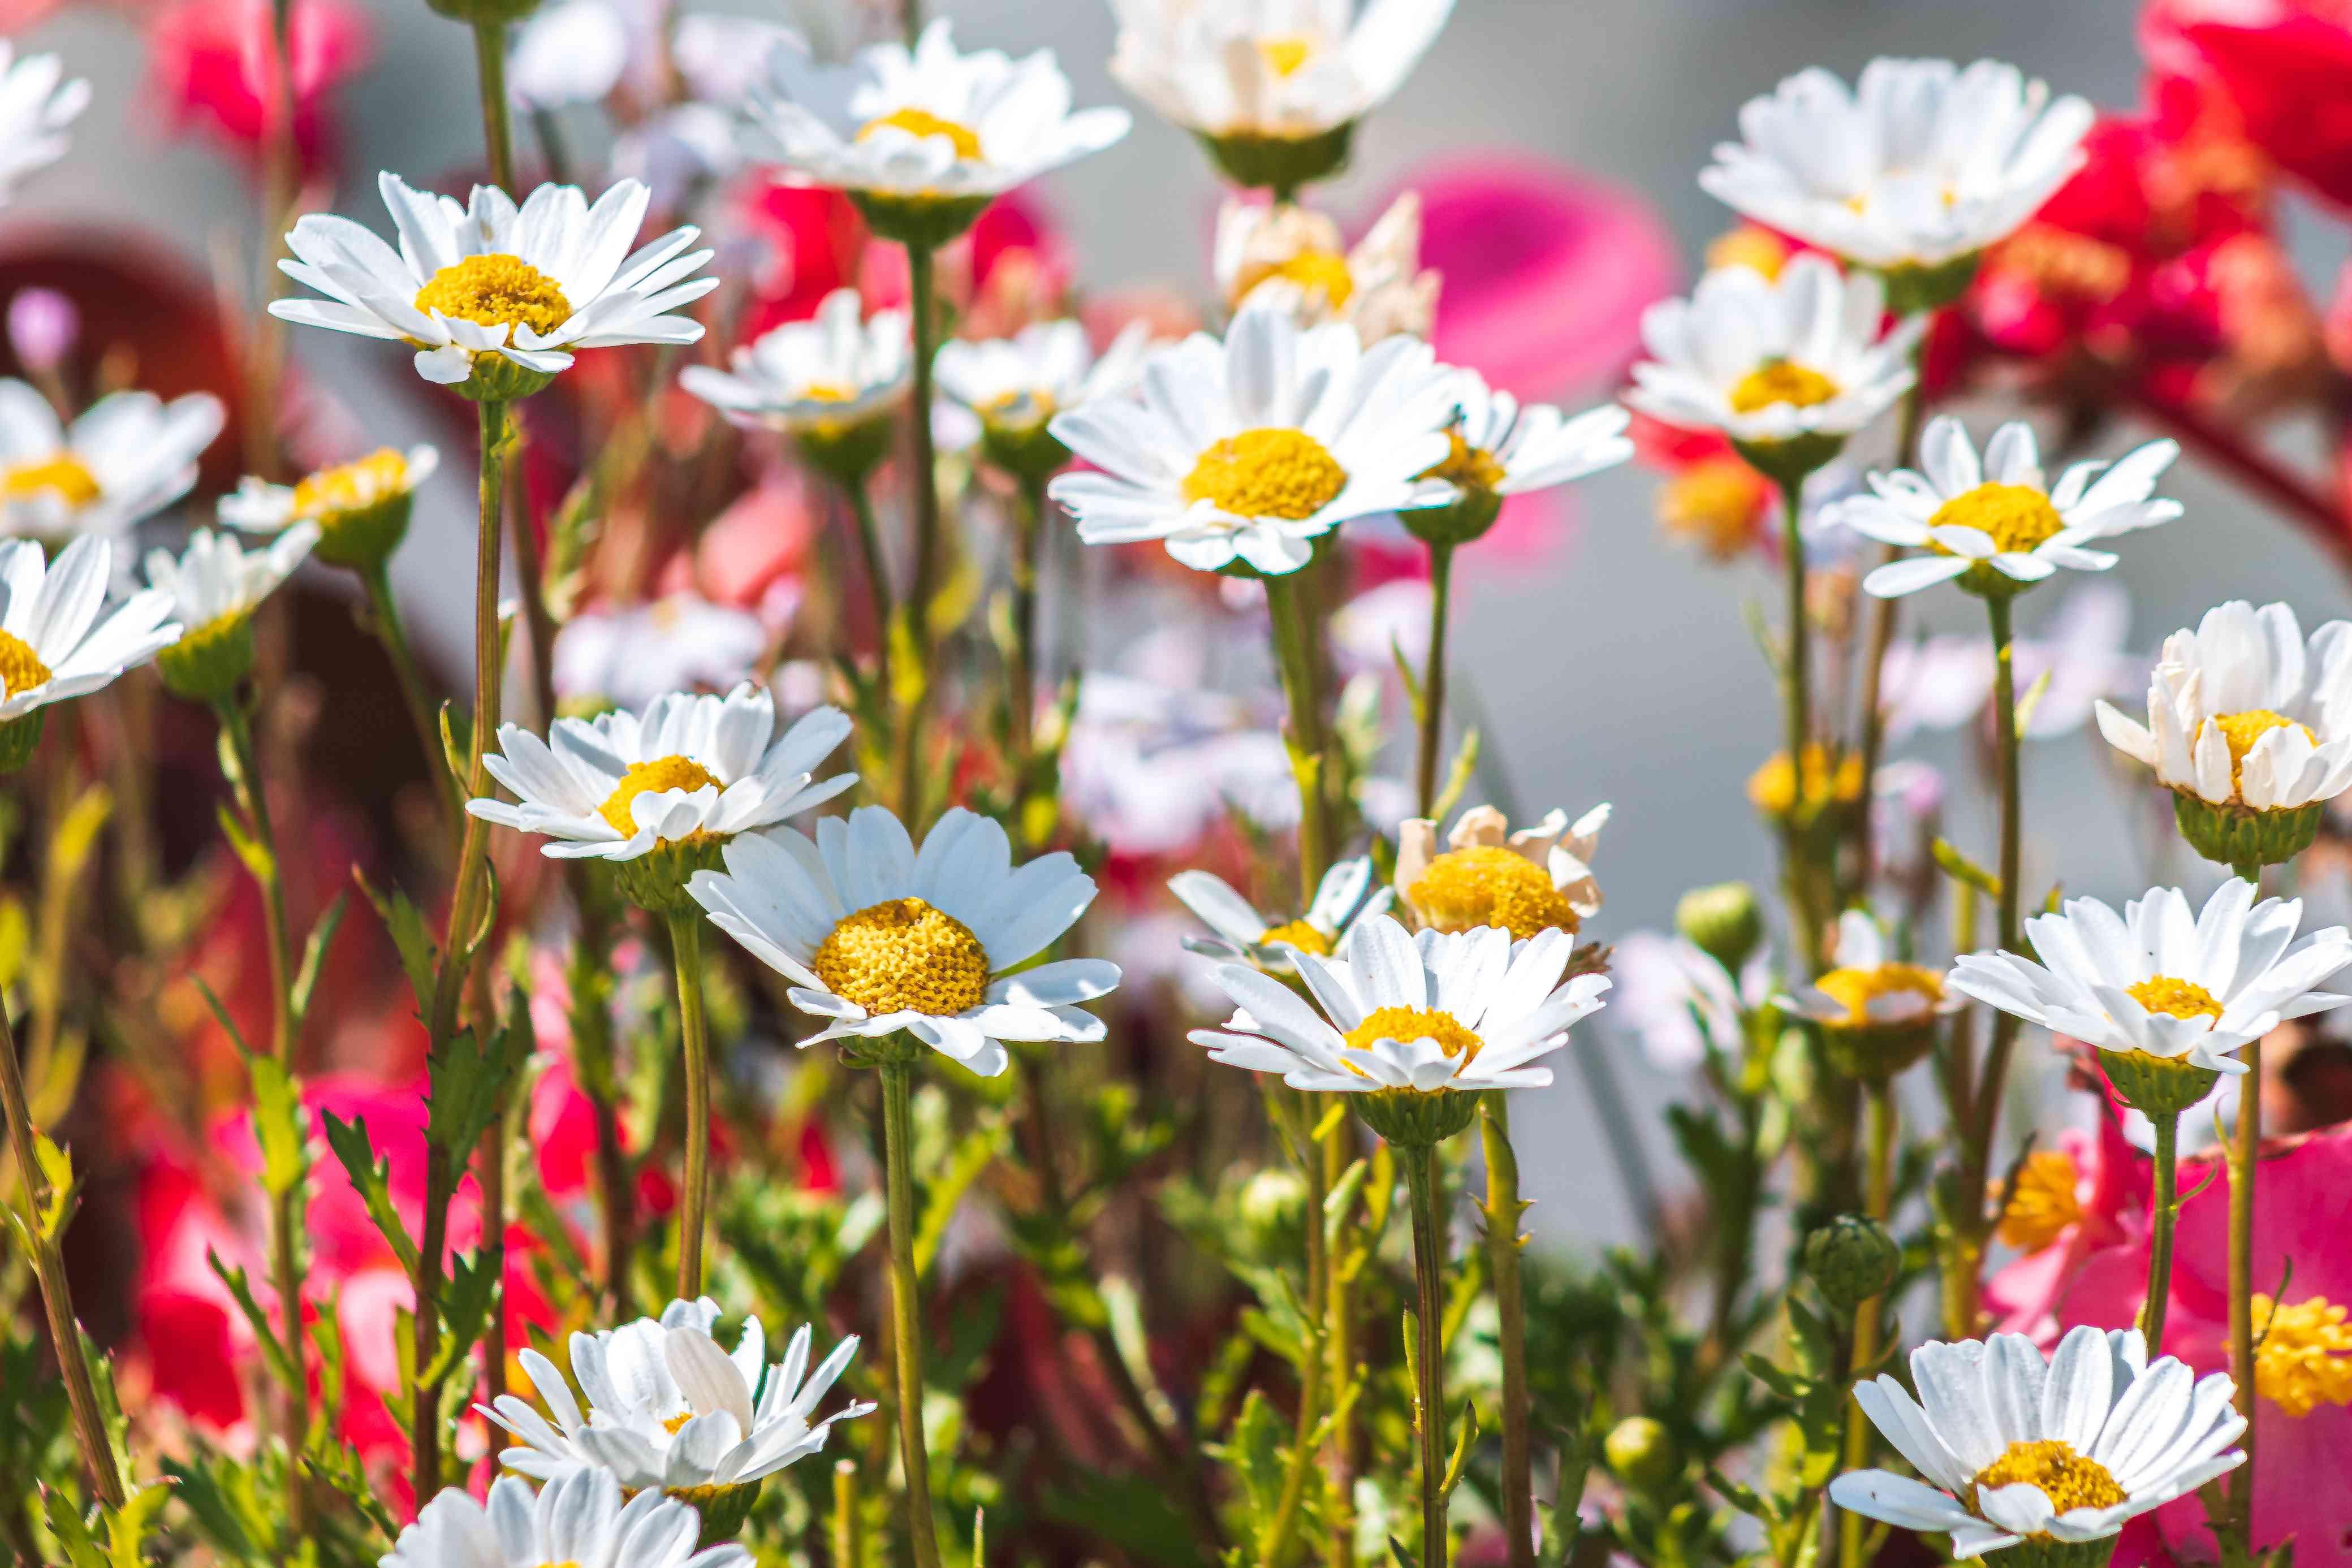 Montauk daisies